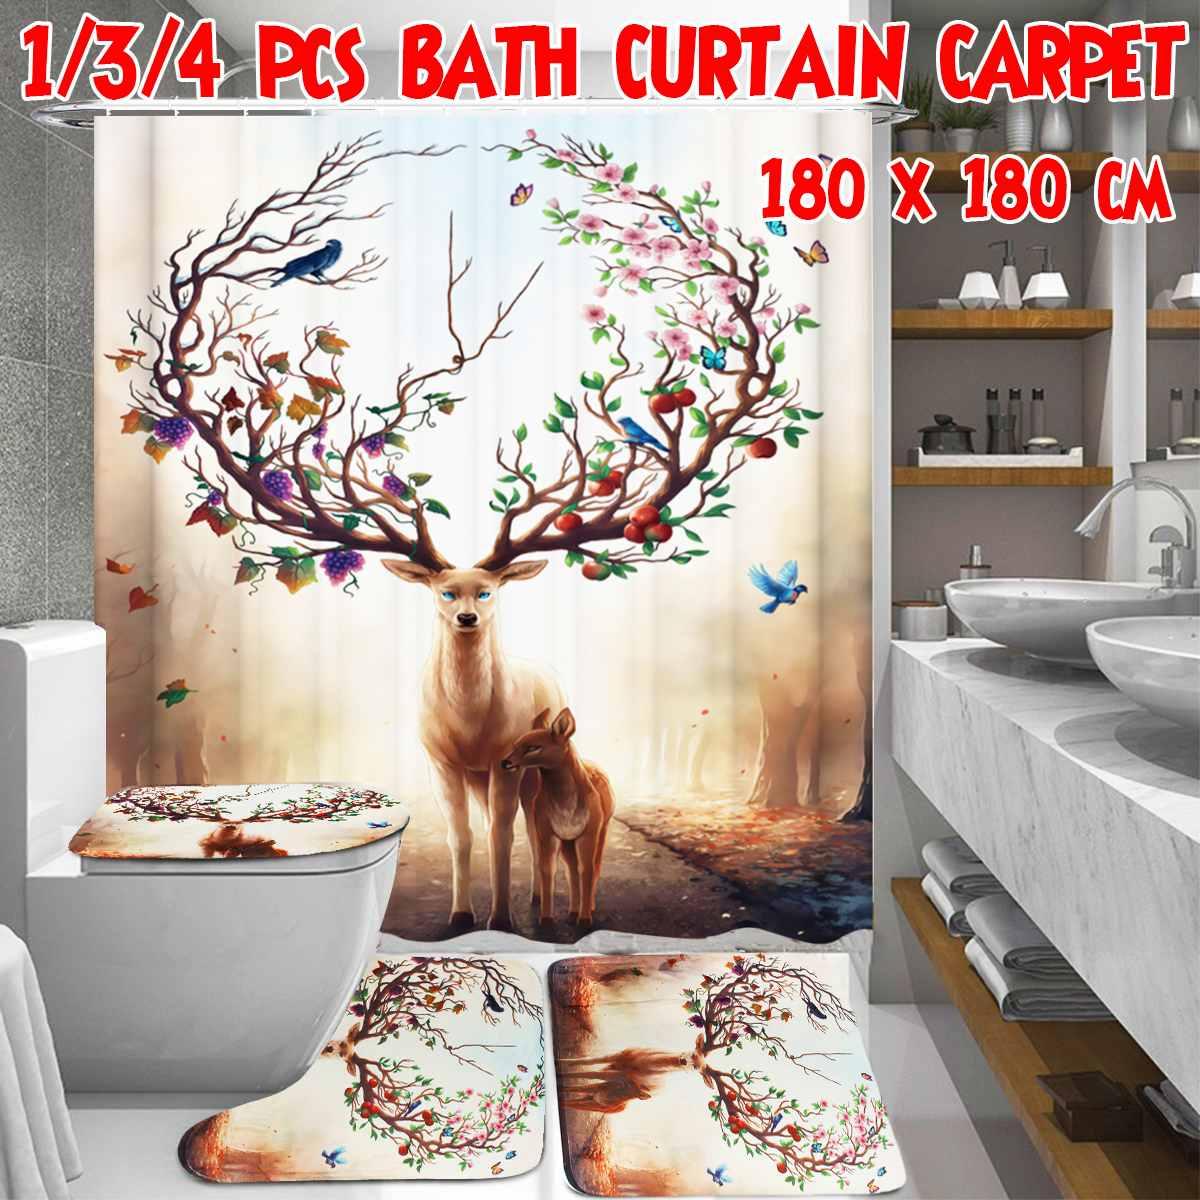 1/3/4 Uds ciervo sica Cortina de ducha juego de alfombra para baño, cubierta de baño, juego de alfombrilla, accesorios de baño, cortinas con ganchos